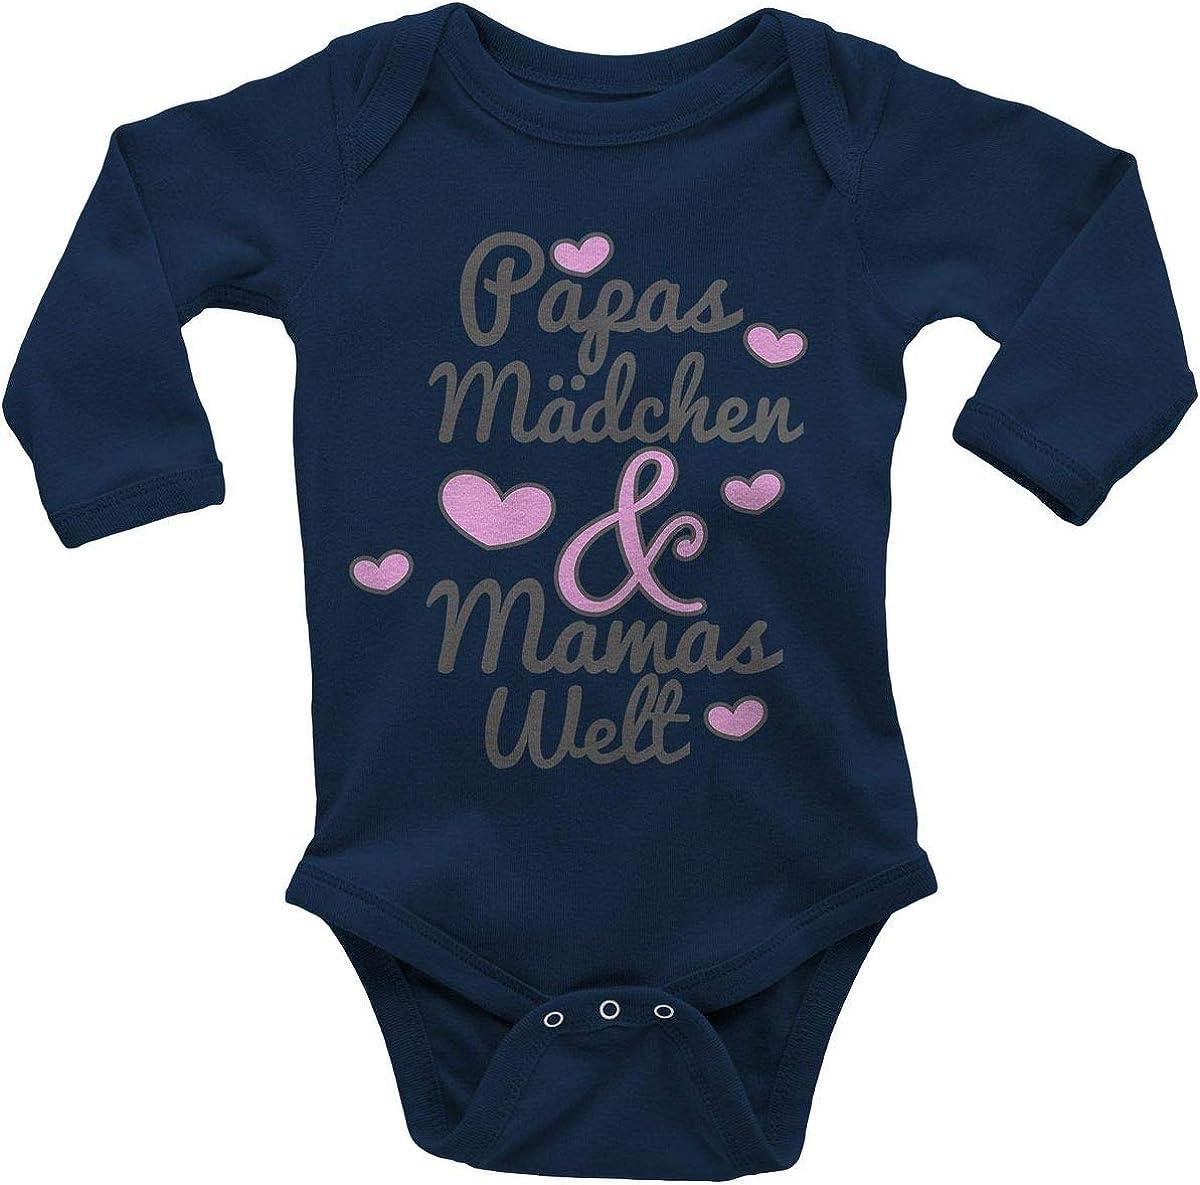 Baby Strampler Wei/ß MEA BABY Unisex Baby Strampler mit Spruch Mamas /& Papas Schatz,100/% Baumwolle Baby Strampler f/ür M/ädchen Baby Strampler f/ür Jungen.